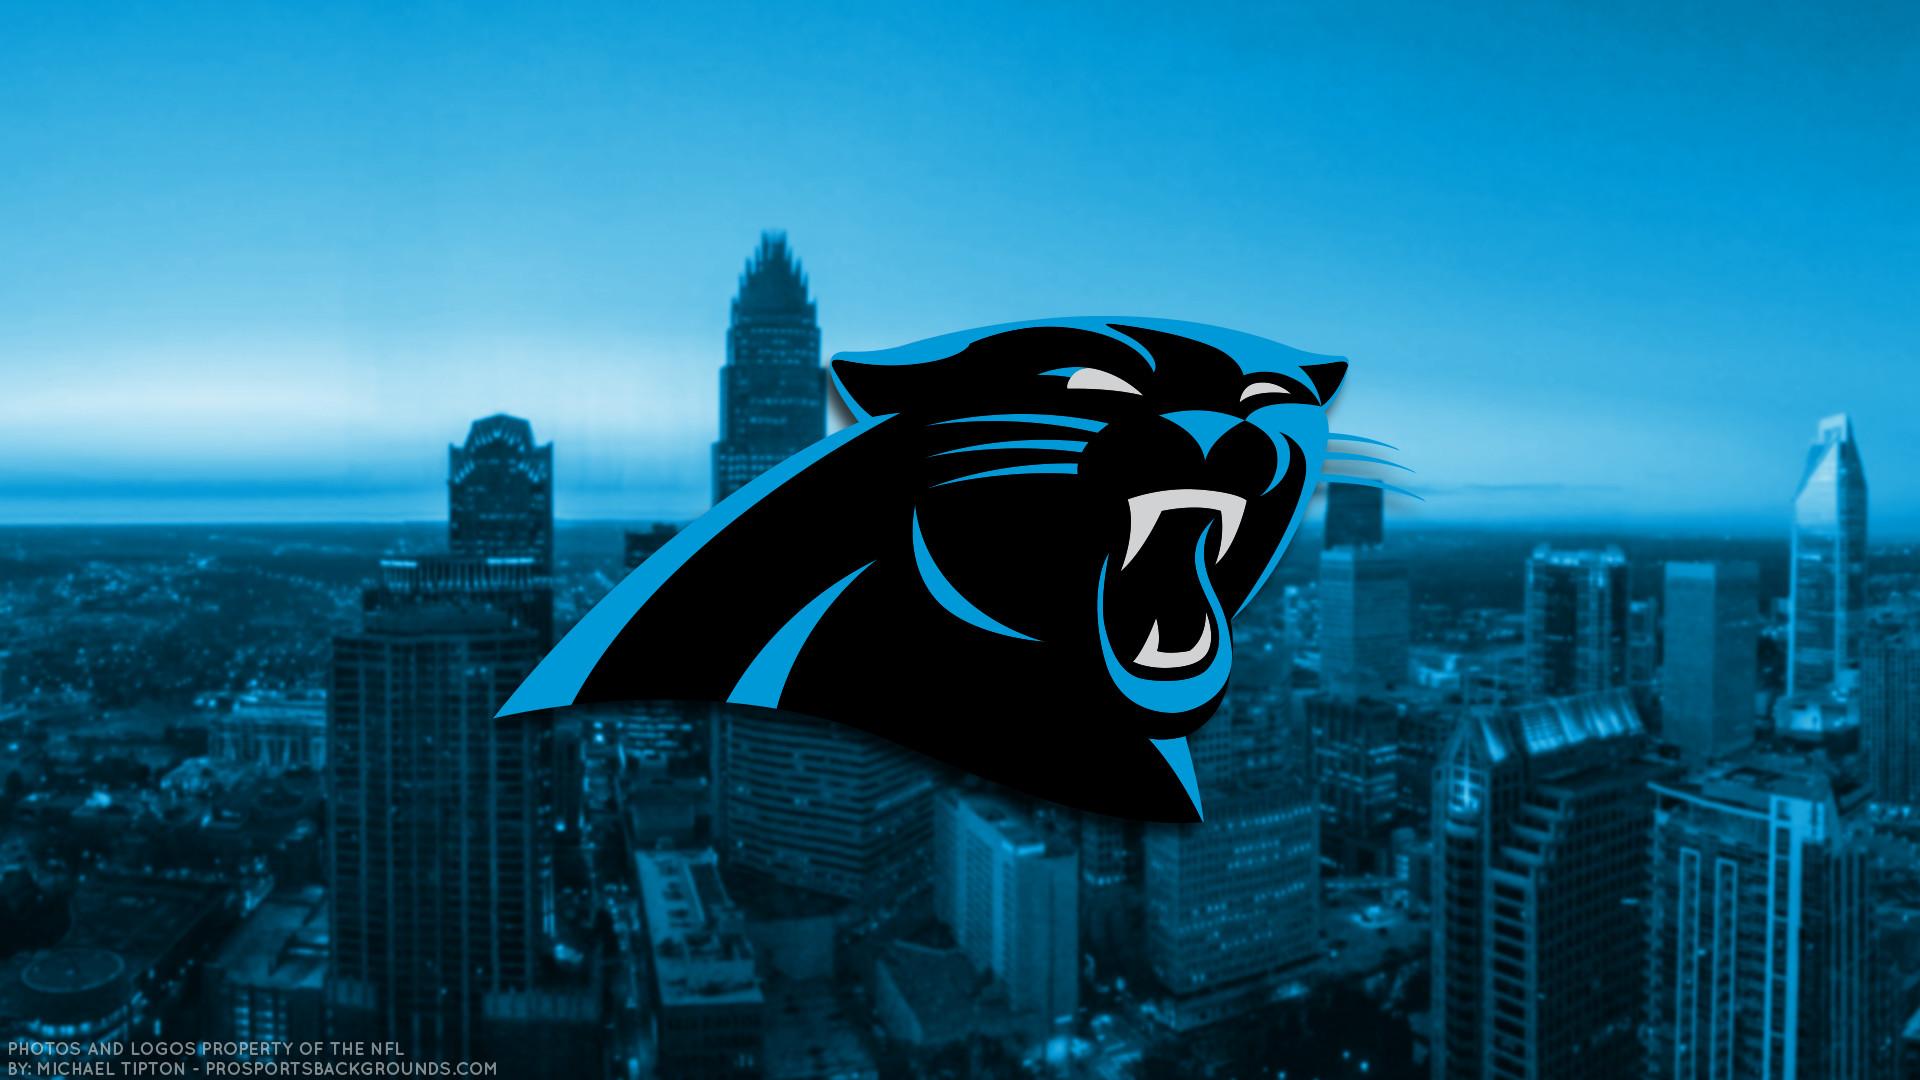 … Carolina Panthers 2017 football logo wallpaper pc desktop computer